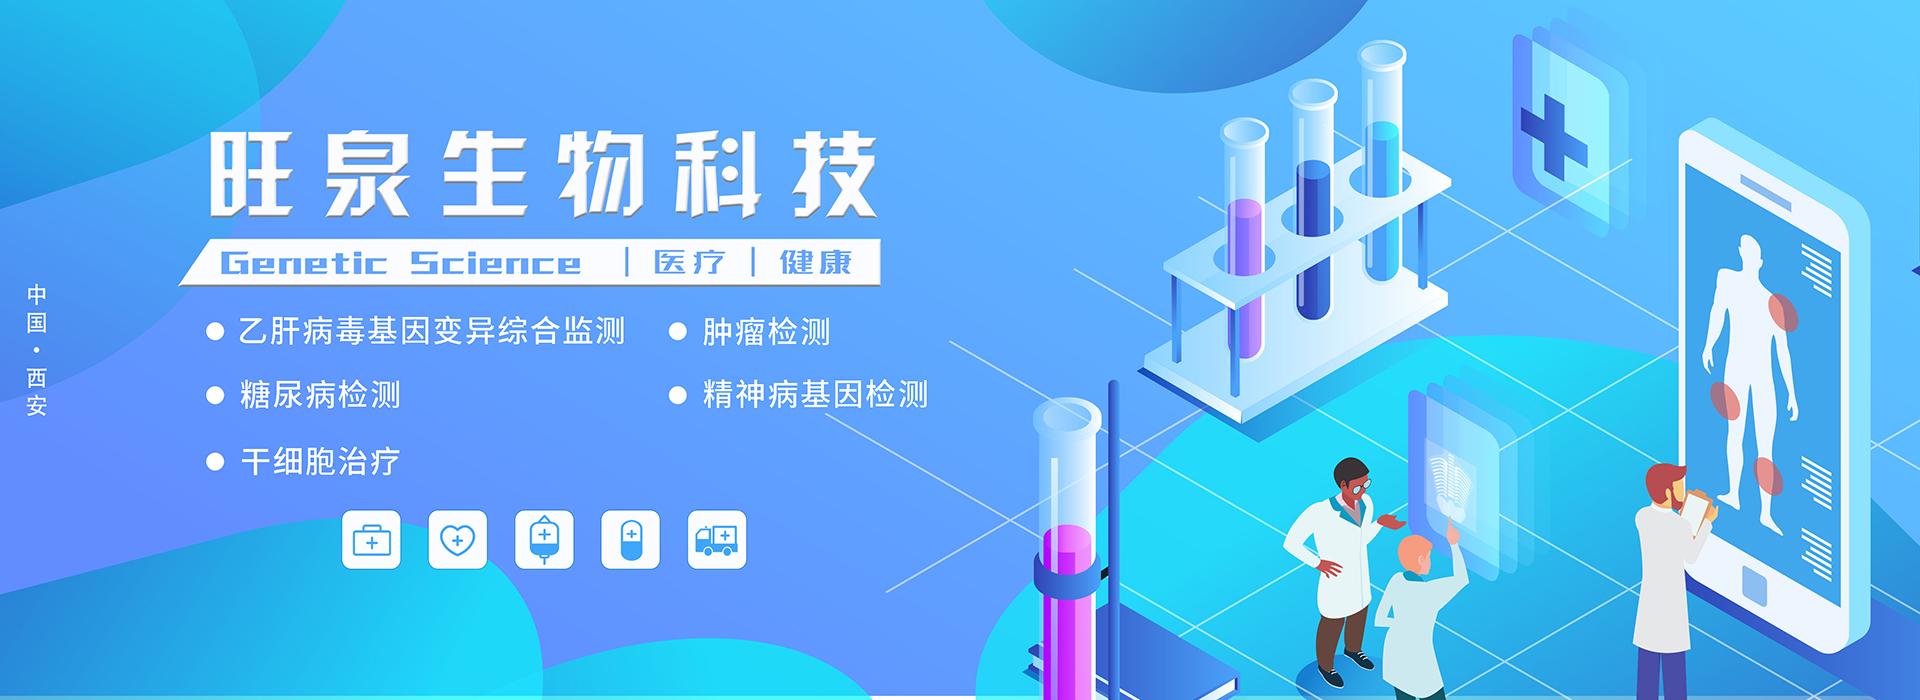 西安旺泉生物科技有限公司